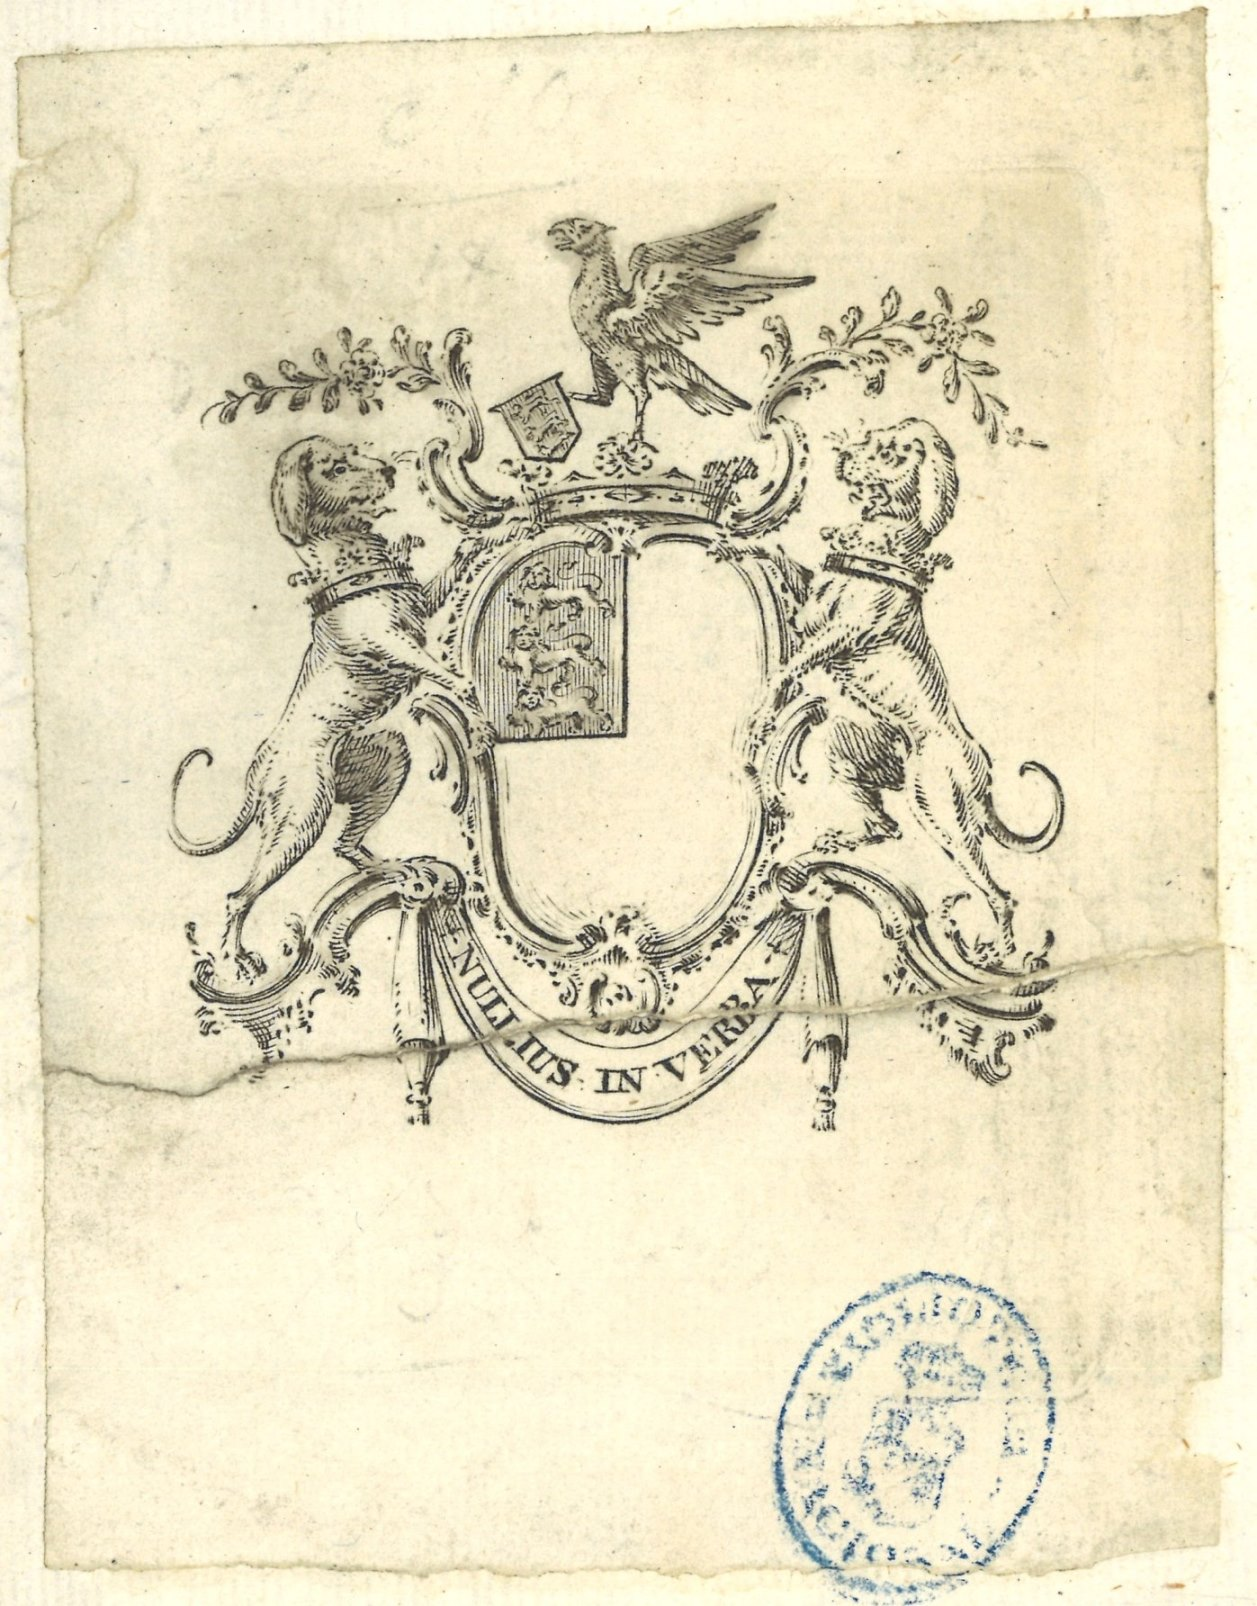 """Exlibris heráldico impreso, con el escudo de armas de la Royal Society: de plata, cantón de Inglaterra: de gules, tres leopardos de oro, armados y lampasados de azur puestos en palo; dos perros rampantes como soportes; al timbre, corona, y sobre ella, cimera de águila; filactelia con el lema """"Nullius in verba"""""""